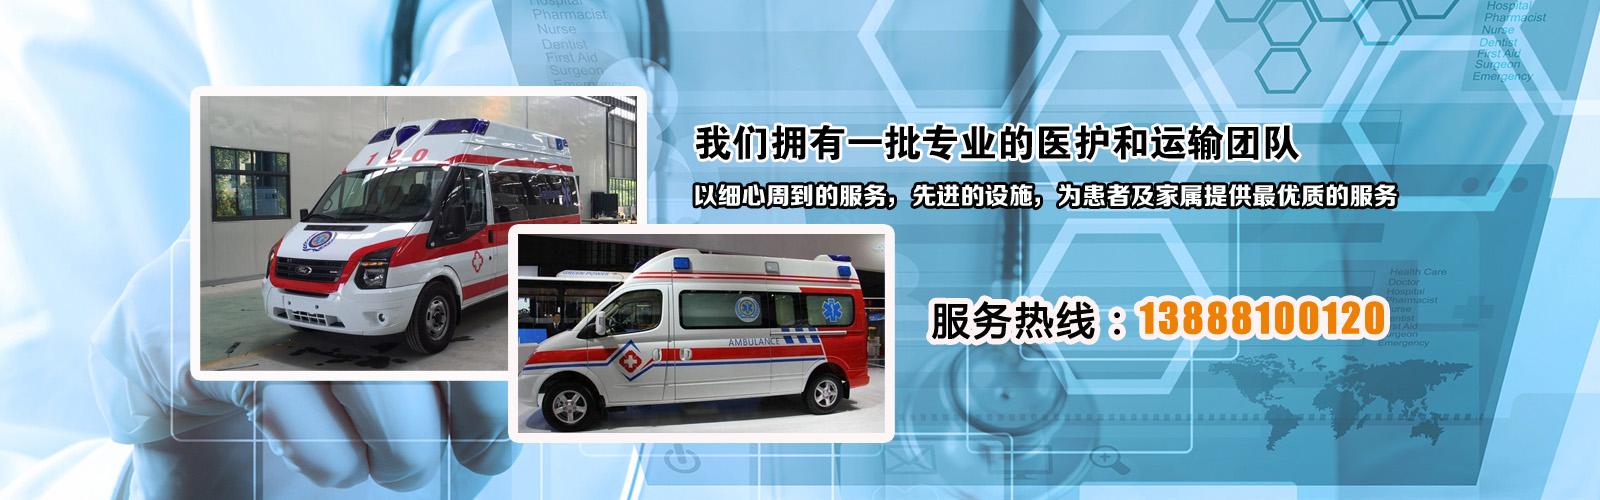 云南120急救车